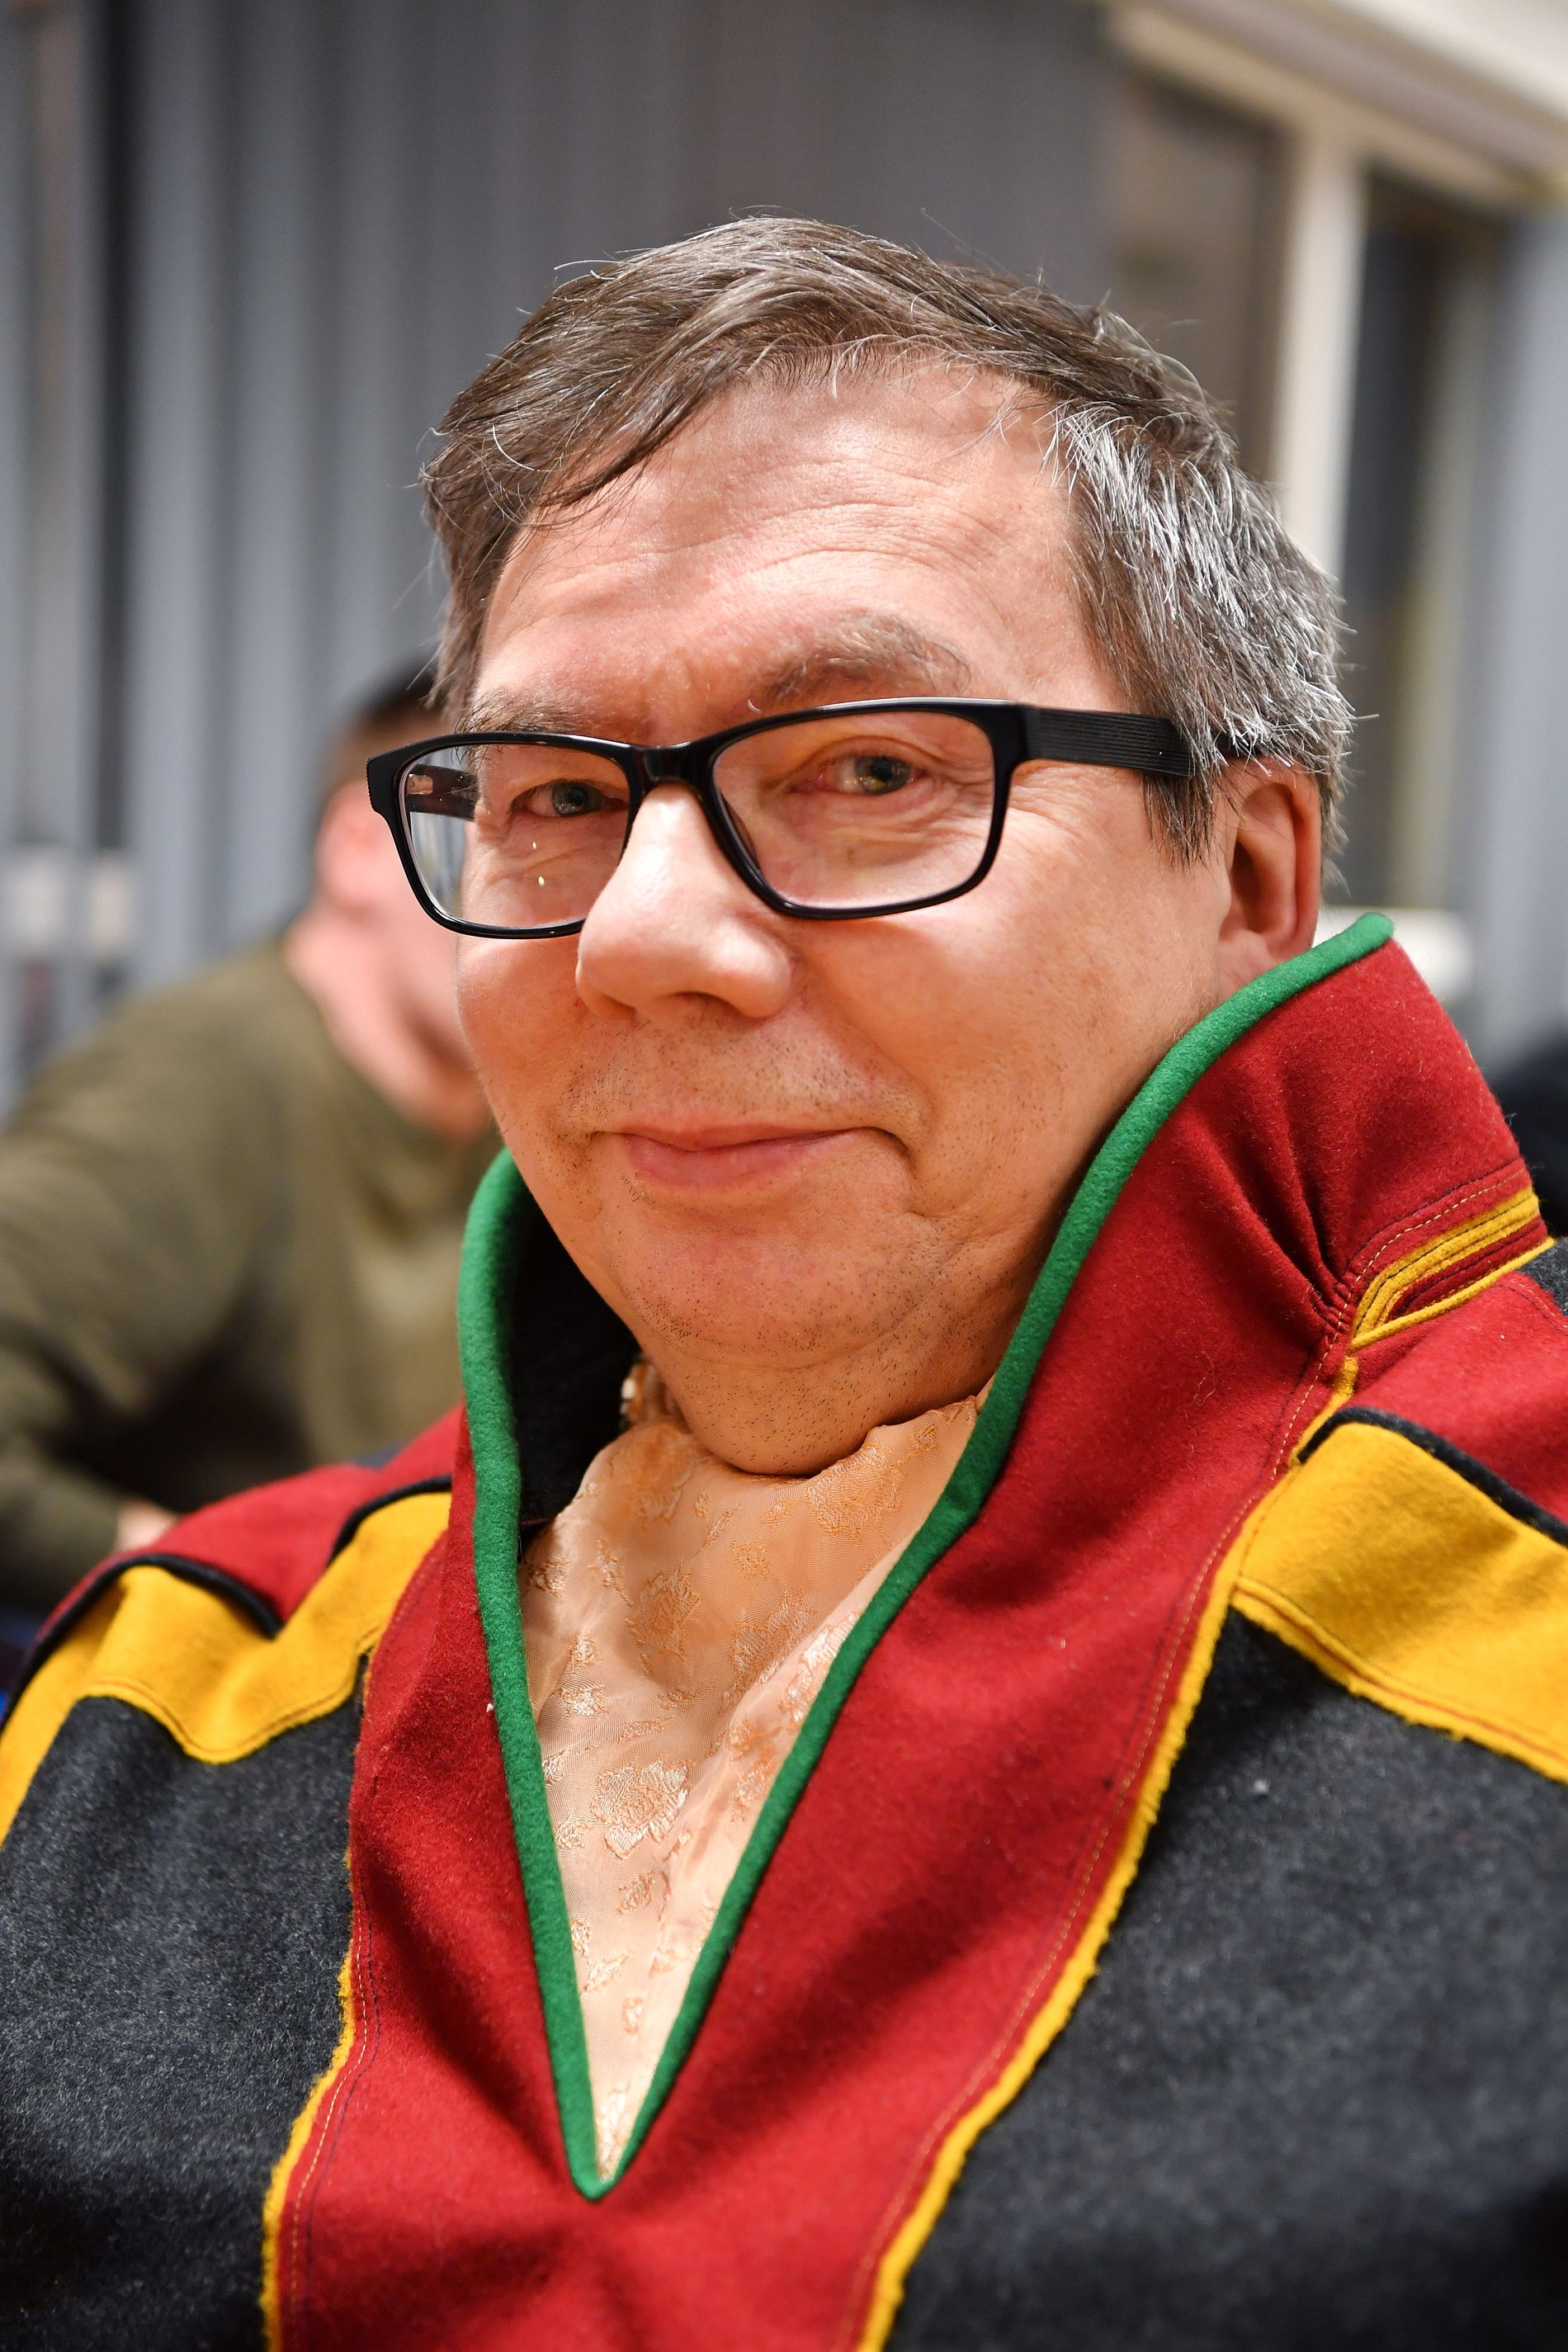 OPPTATT AV IDENTITET: Viktor Trosten (63) mener dagens barn og unge har en helt selvsagt samisk identitet som mange ikke ville vedkjenne seg i tidligere tider.